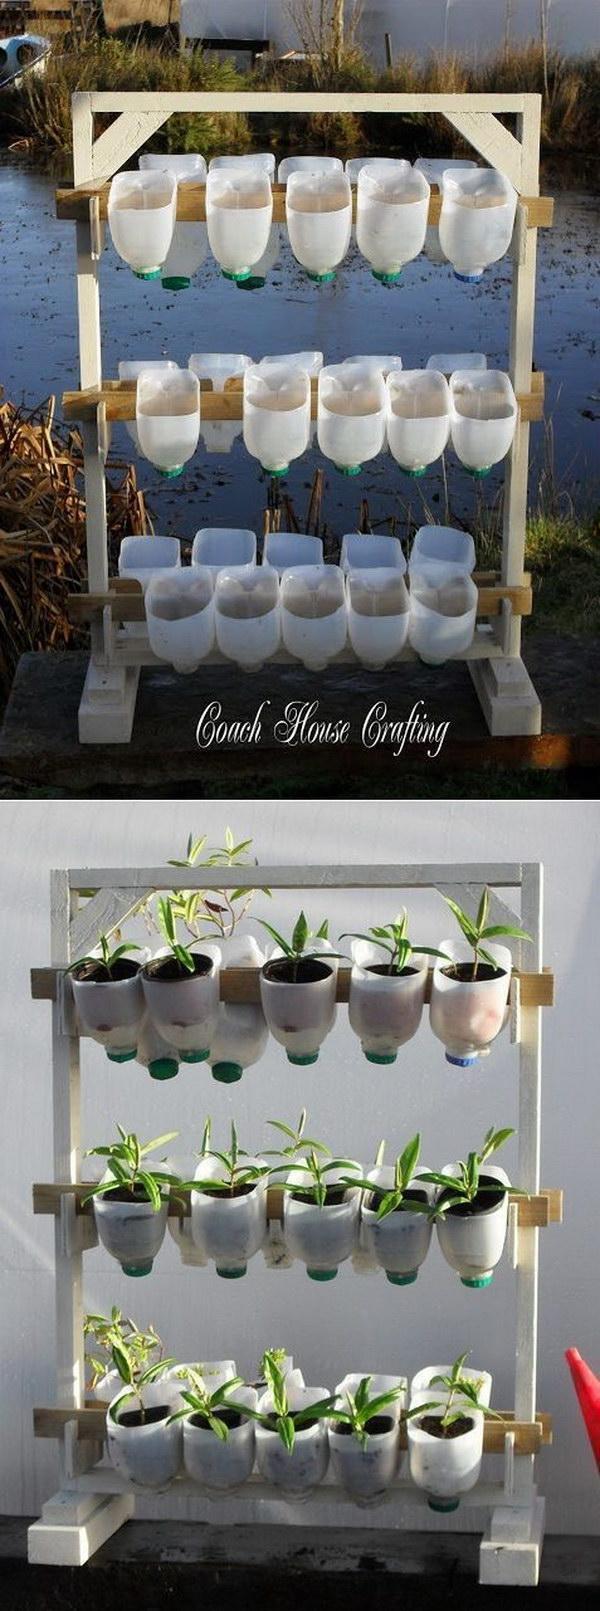 6 DIY Vertical Garden Using Plastic Milk Bottles